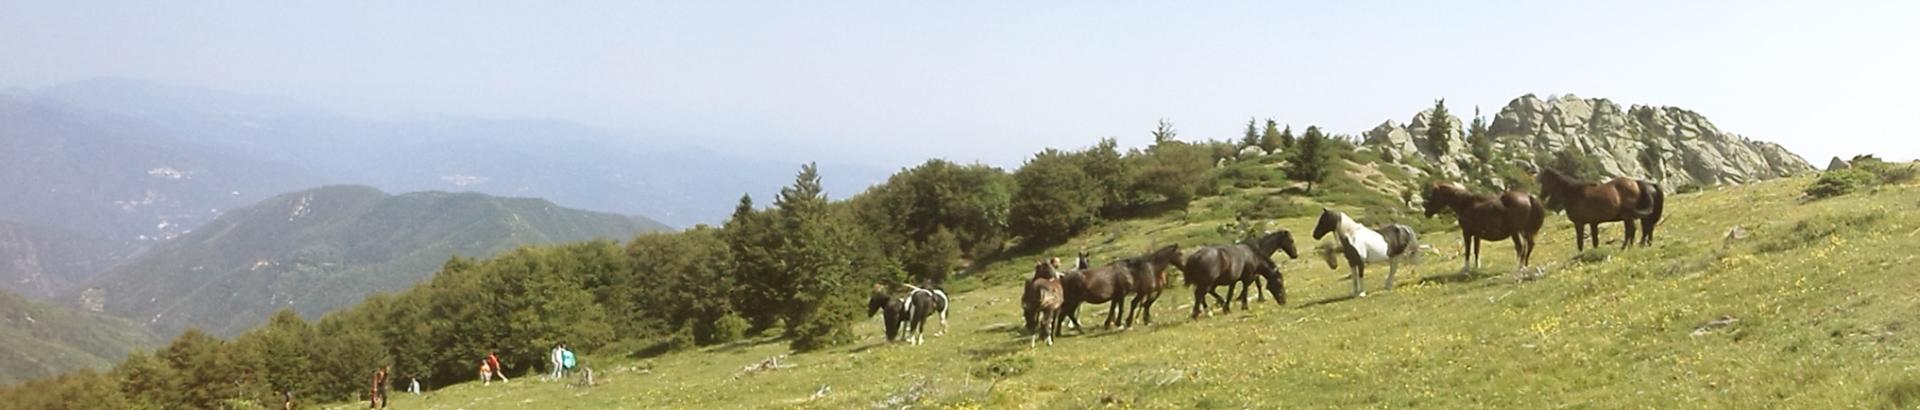 vacances-nature-66-chevaux